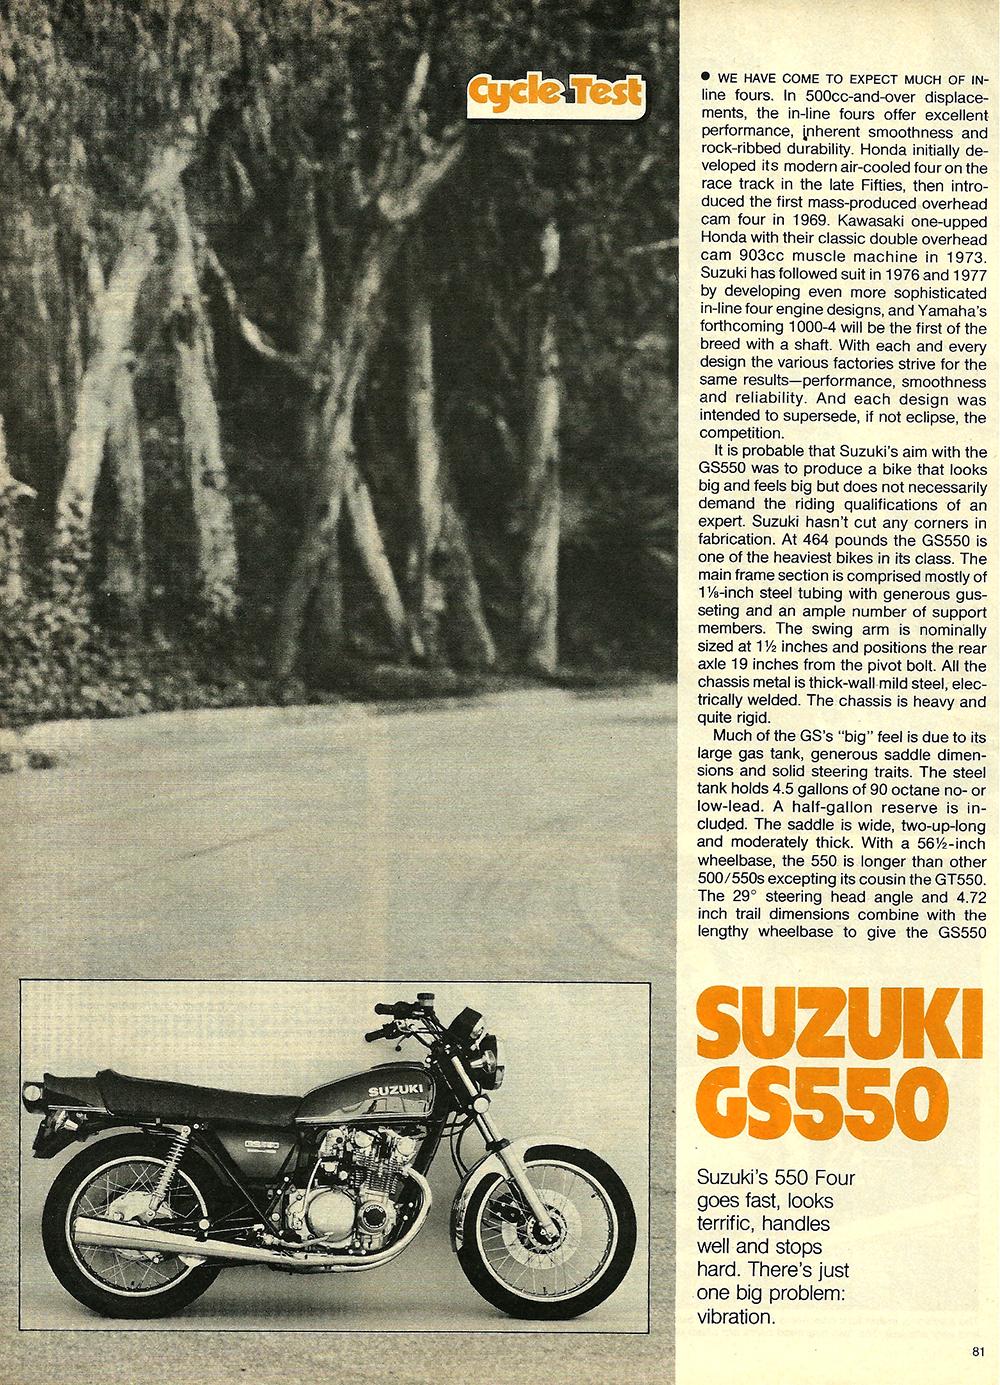 1977 Suzuki GS550 road test 02.jpg